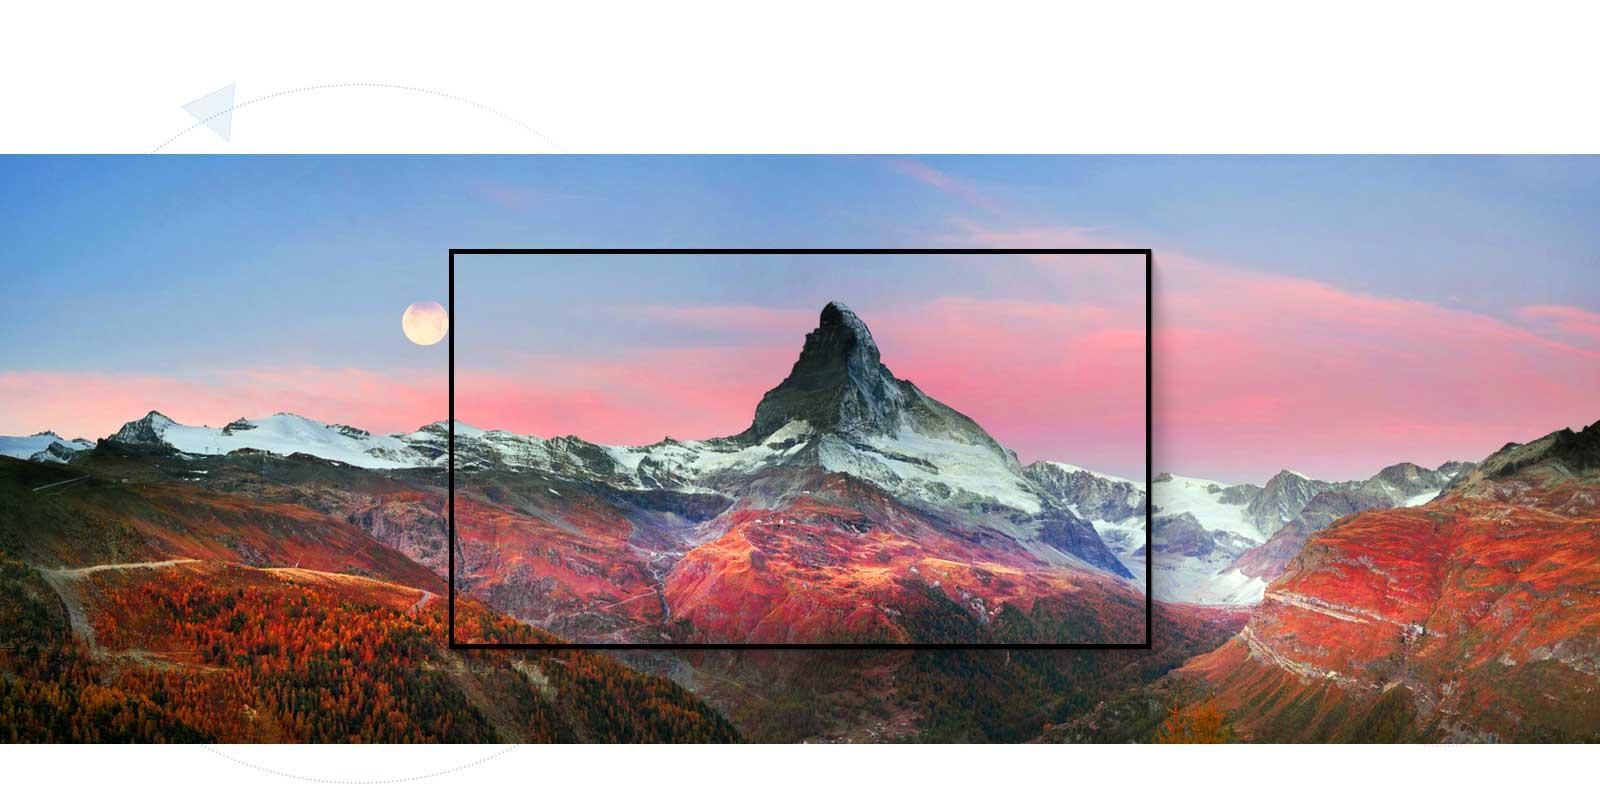 Kadr przedstawiający scenerię wspaniałej góry (odtwórz wideo)